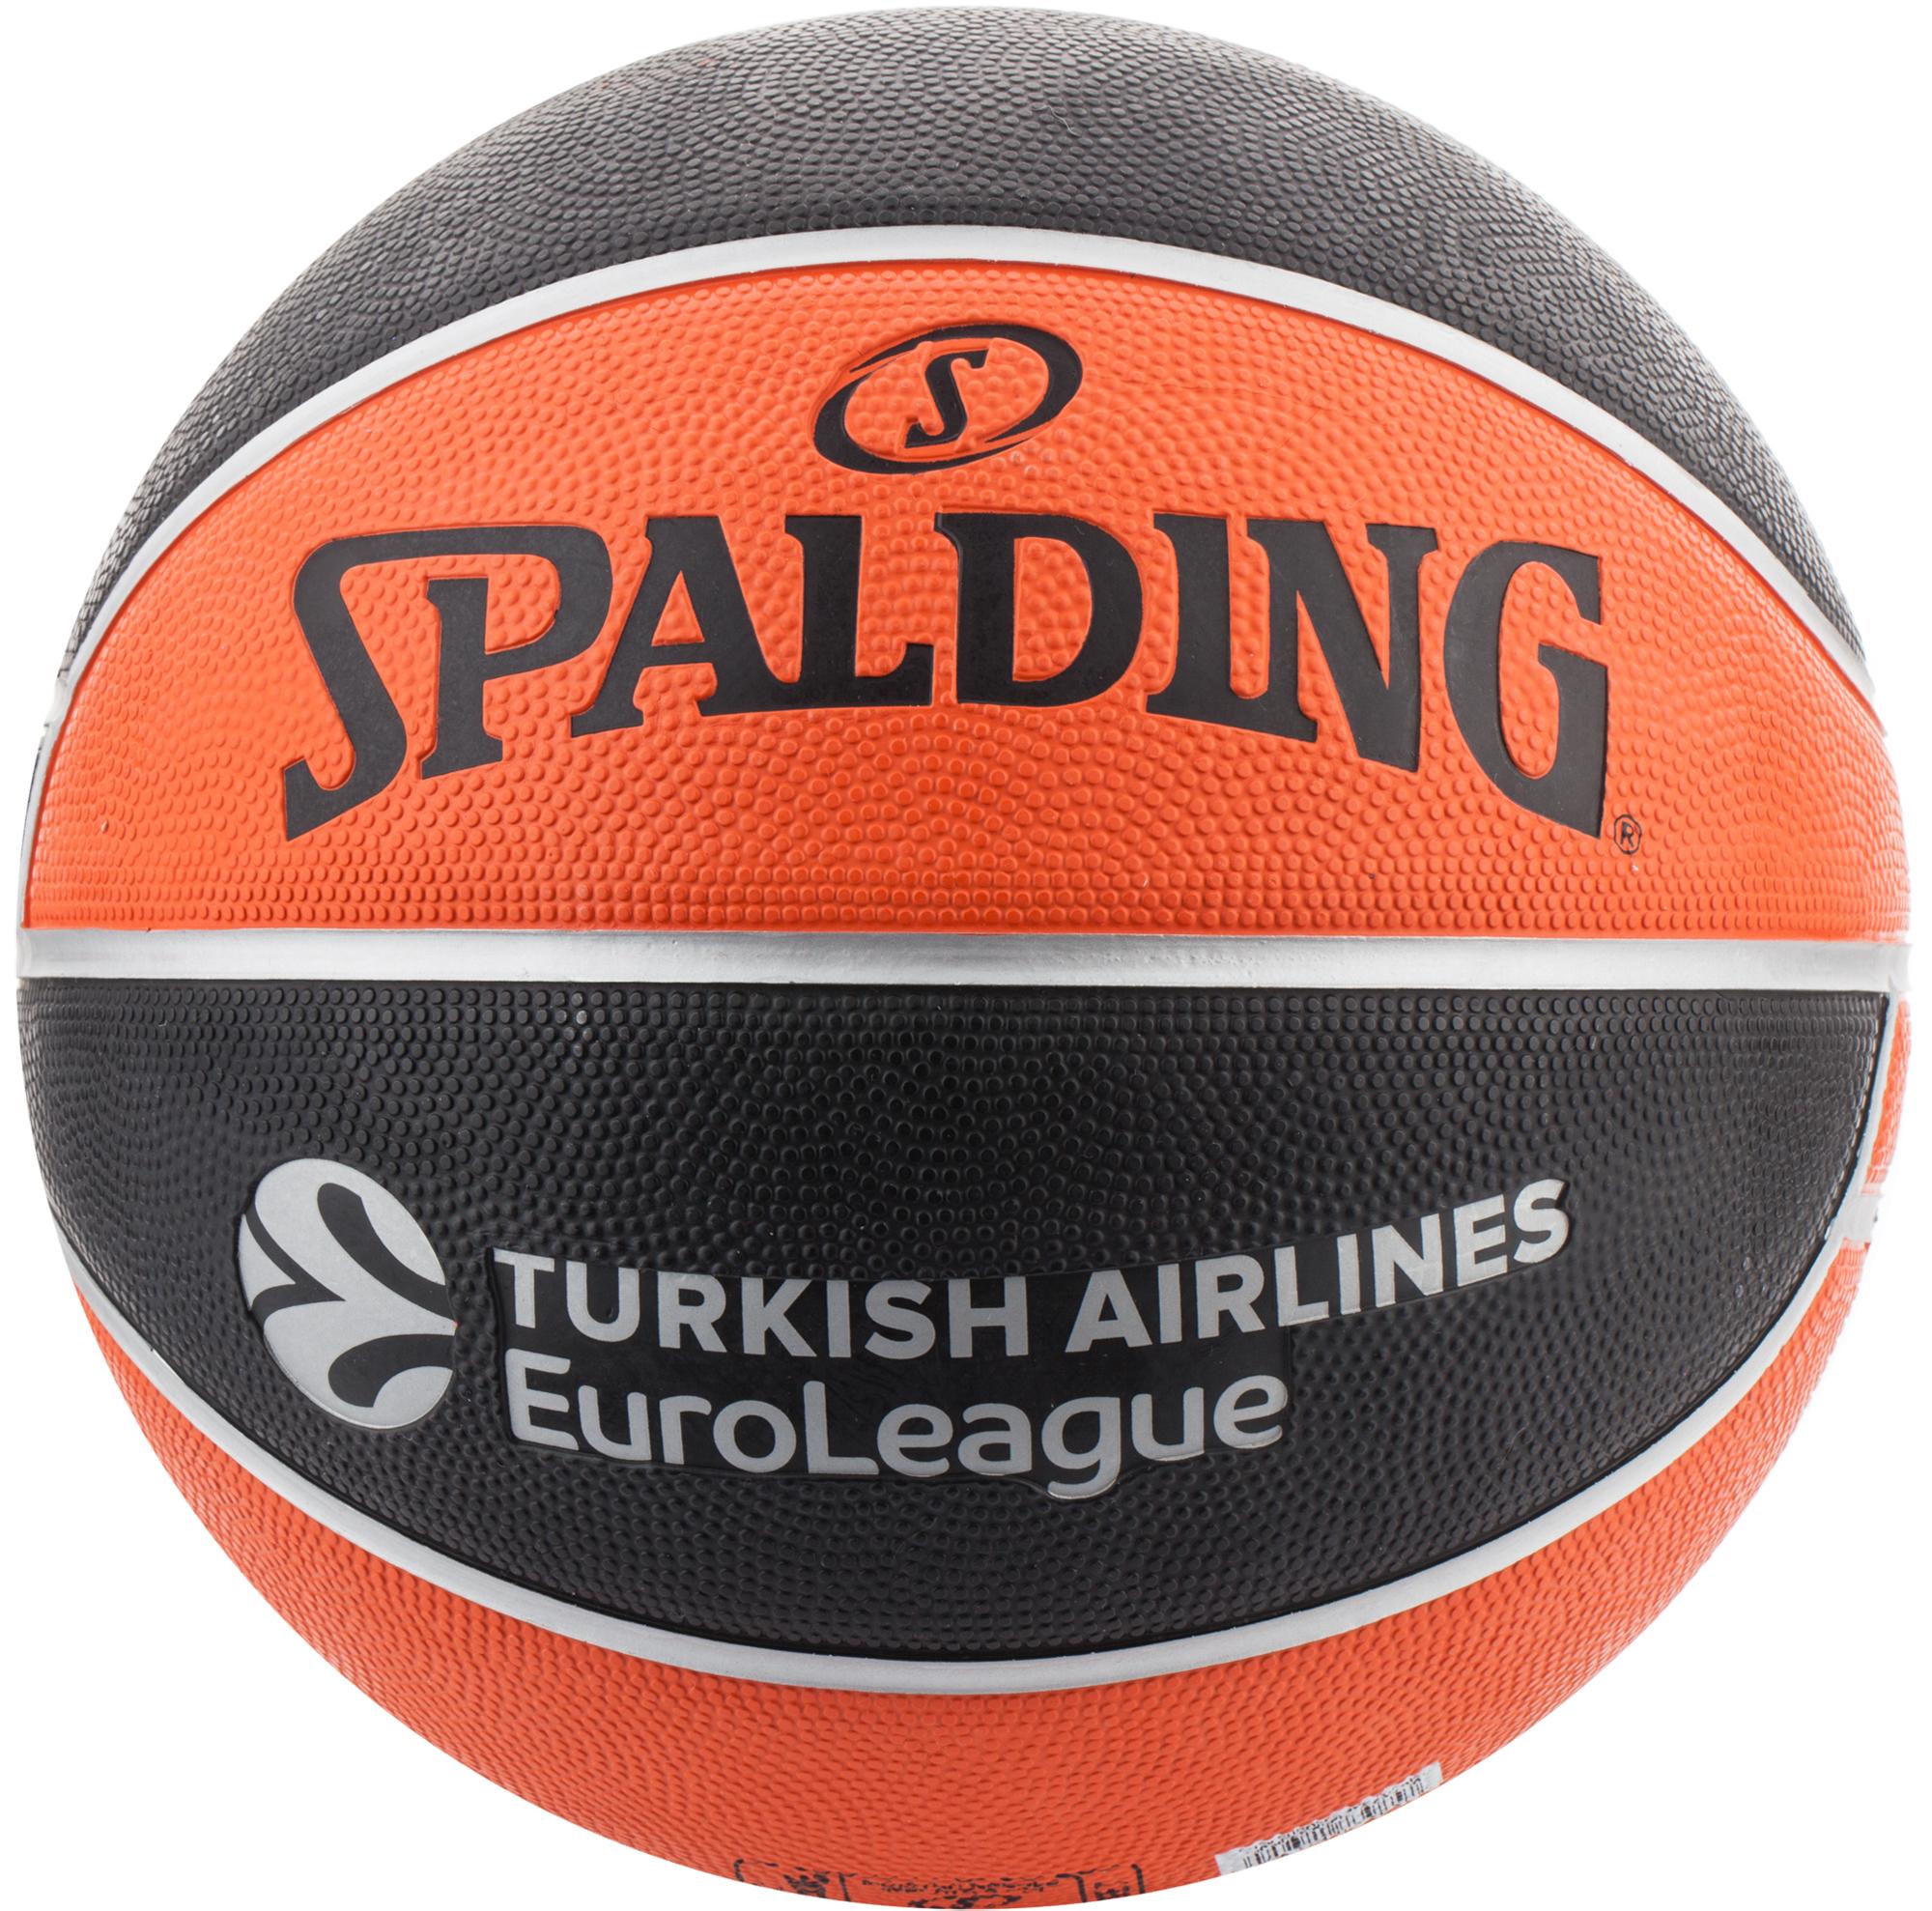 Spalding Мяч баскетбольный Spalding TF-150 Euroleague, размер 7 комбайн кухонный philips hr7628 00